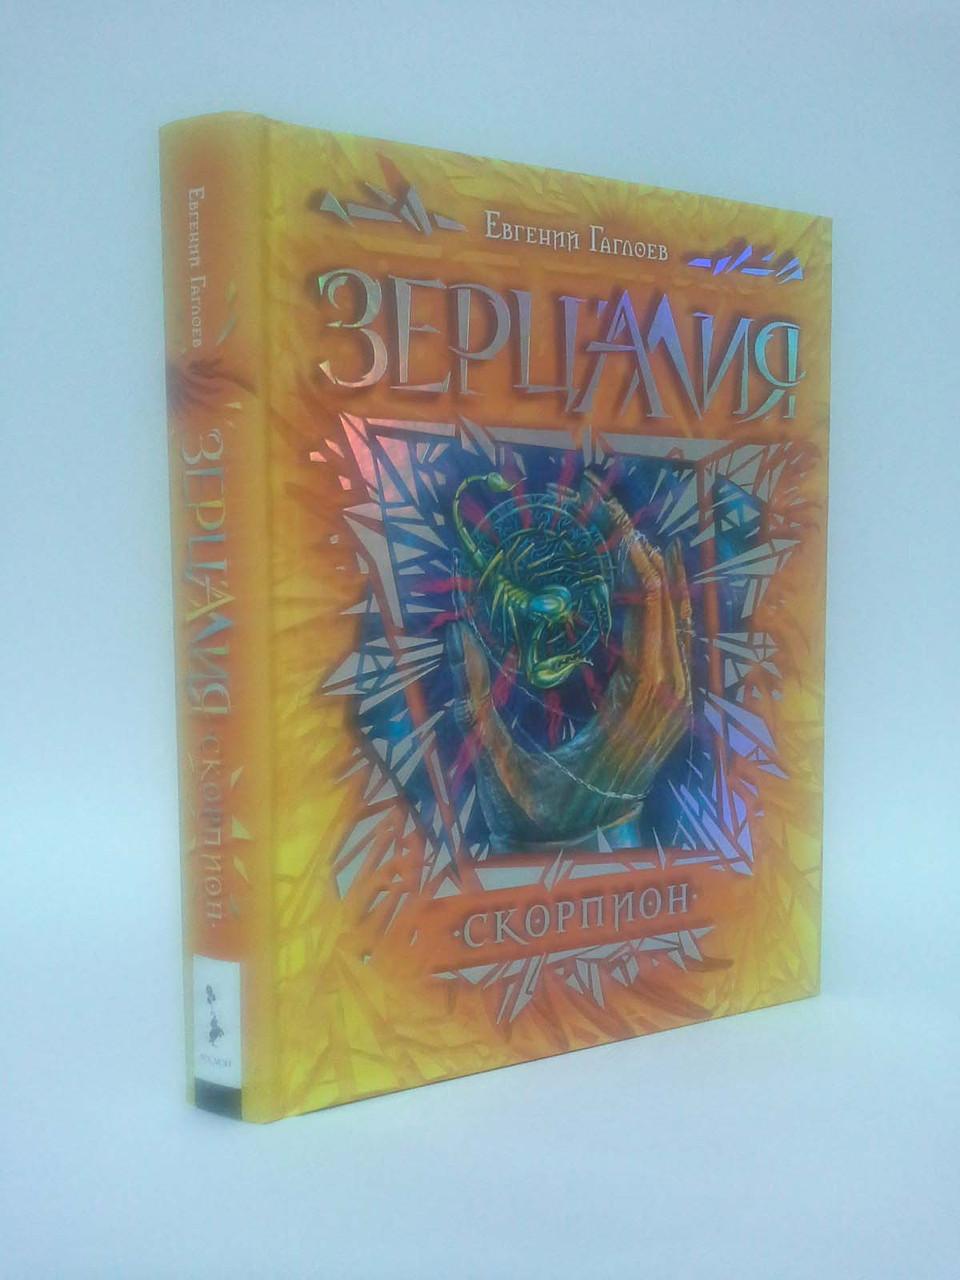 Росмэн Фэнтези Зерцалия (5) Скорпион Гаглоев - Буквоїд, книжковий магазин в Белой Церкви